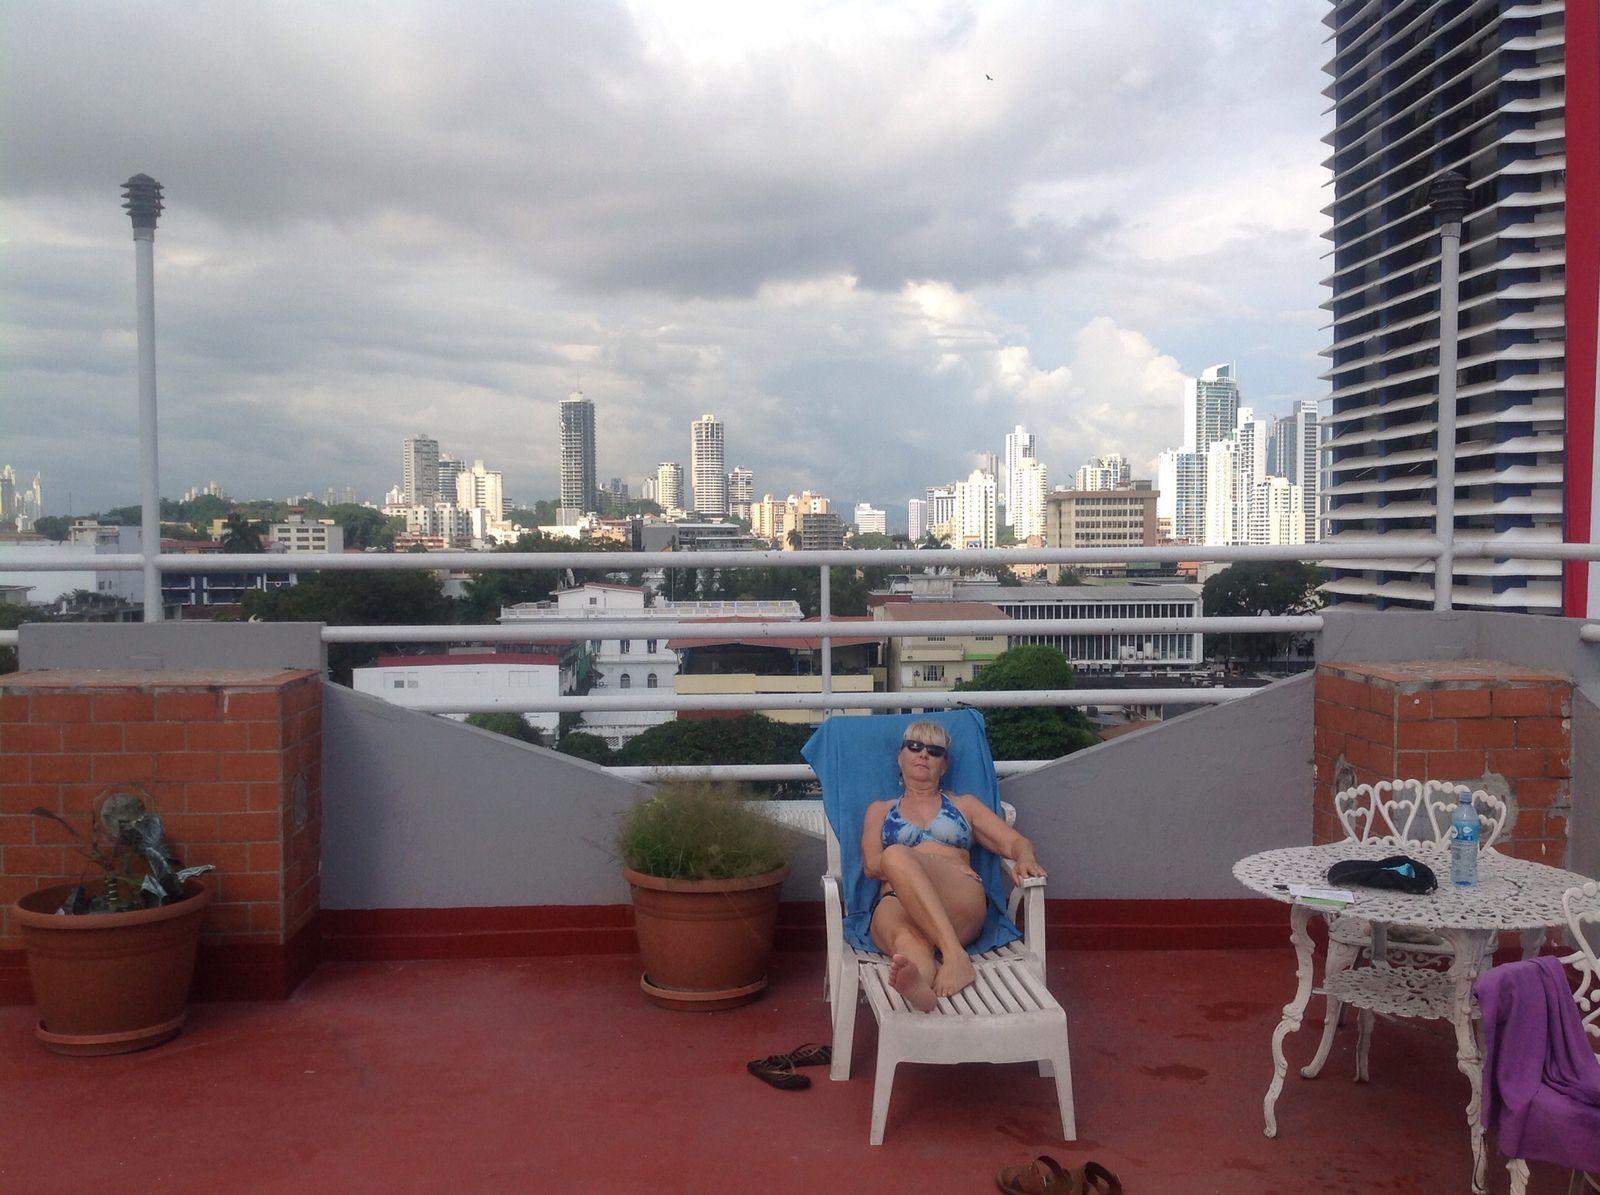 Toutes les photos du PANAMA ont été faite avec 37° de température et 70% d'humidité .